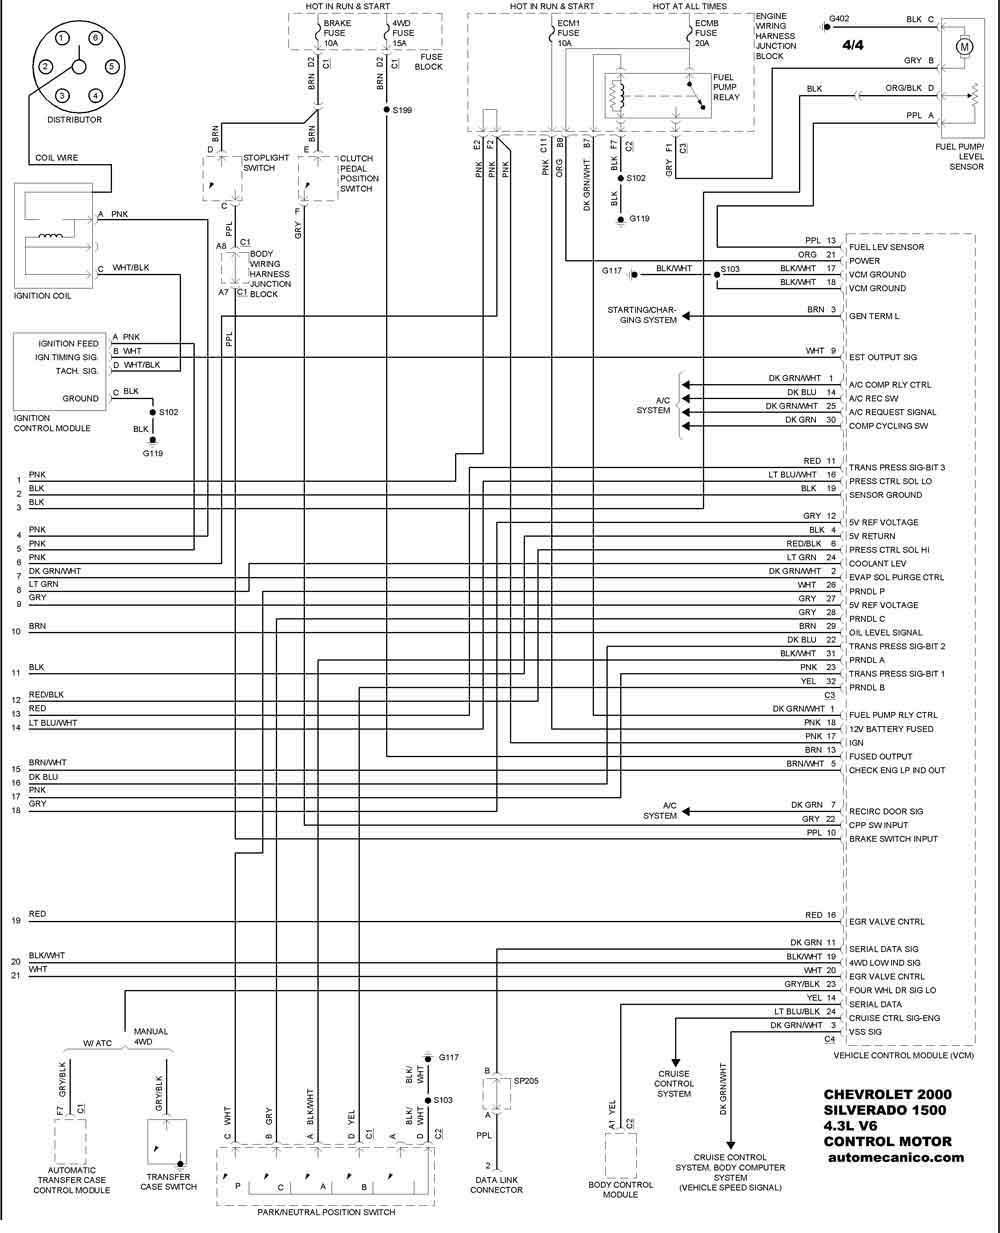 chevrolet 2000 - diagramas control del motor - graphics - esquemas